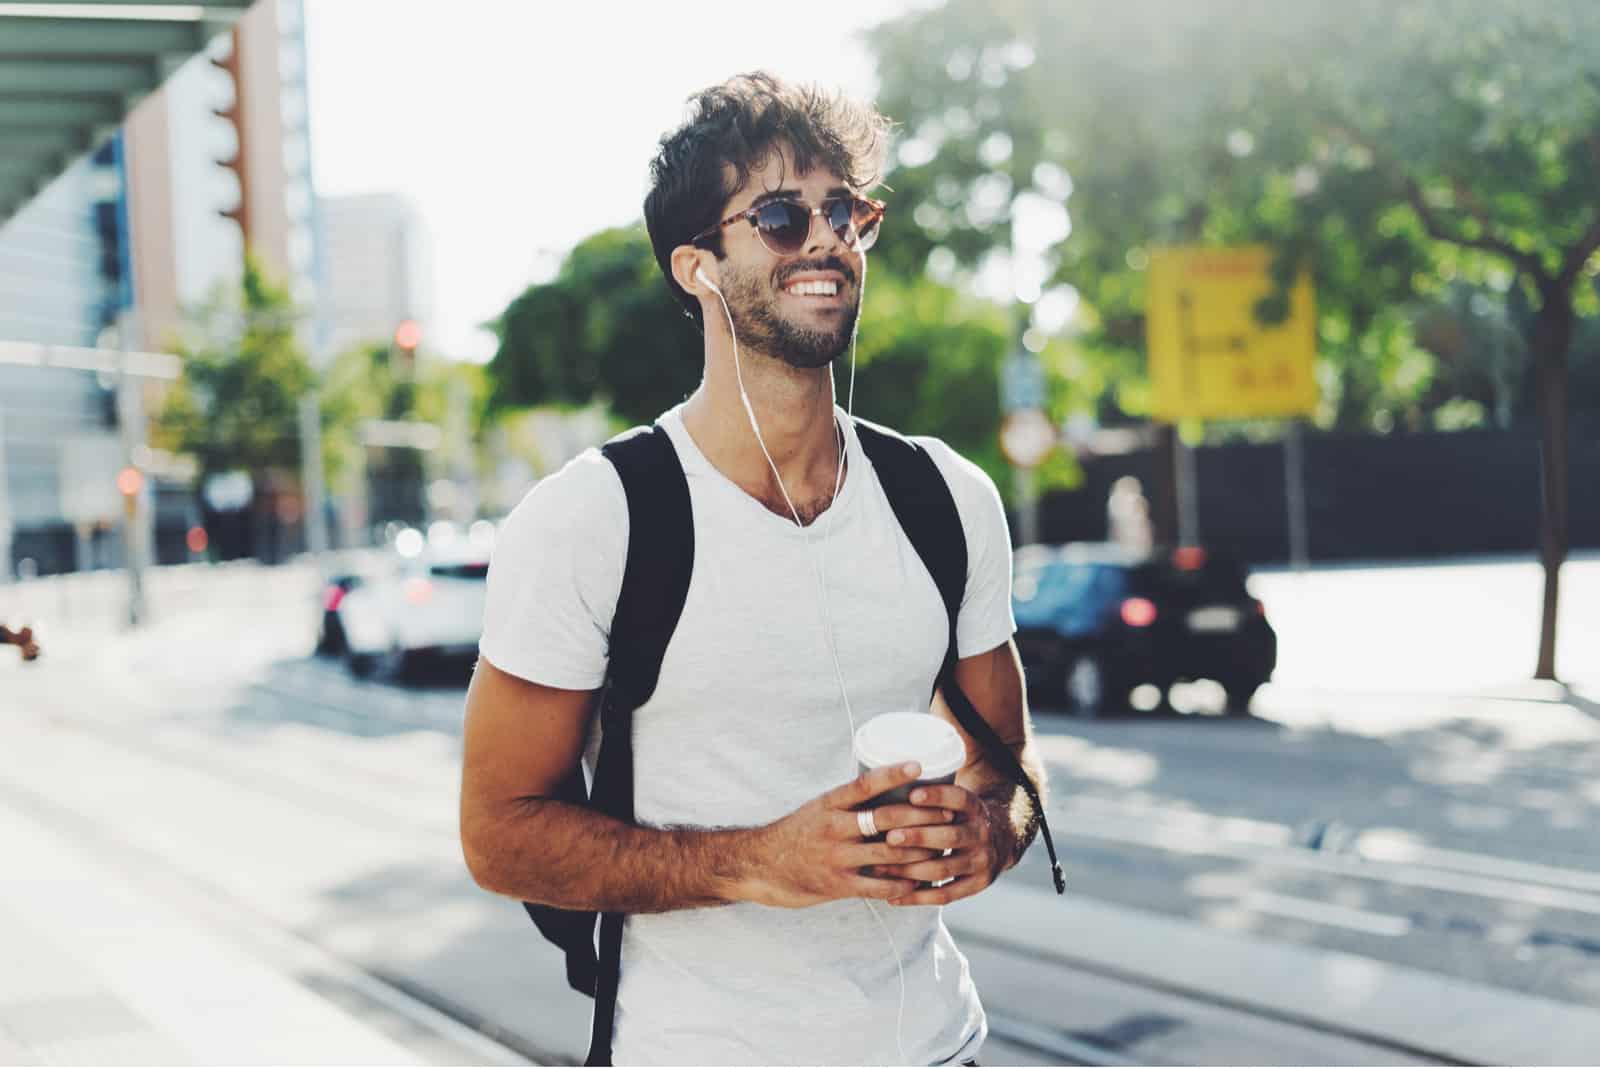 Ein attraktiver Mann geht die Straße entlang und hört Musik über Kopfhörer